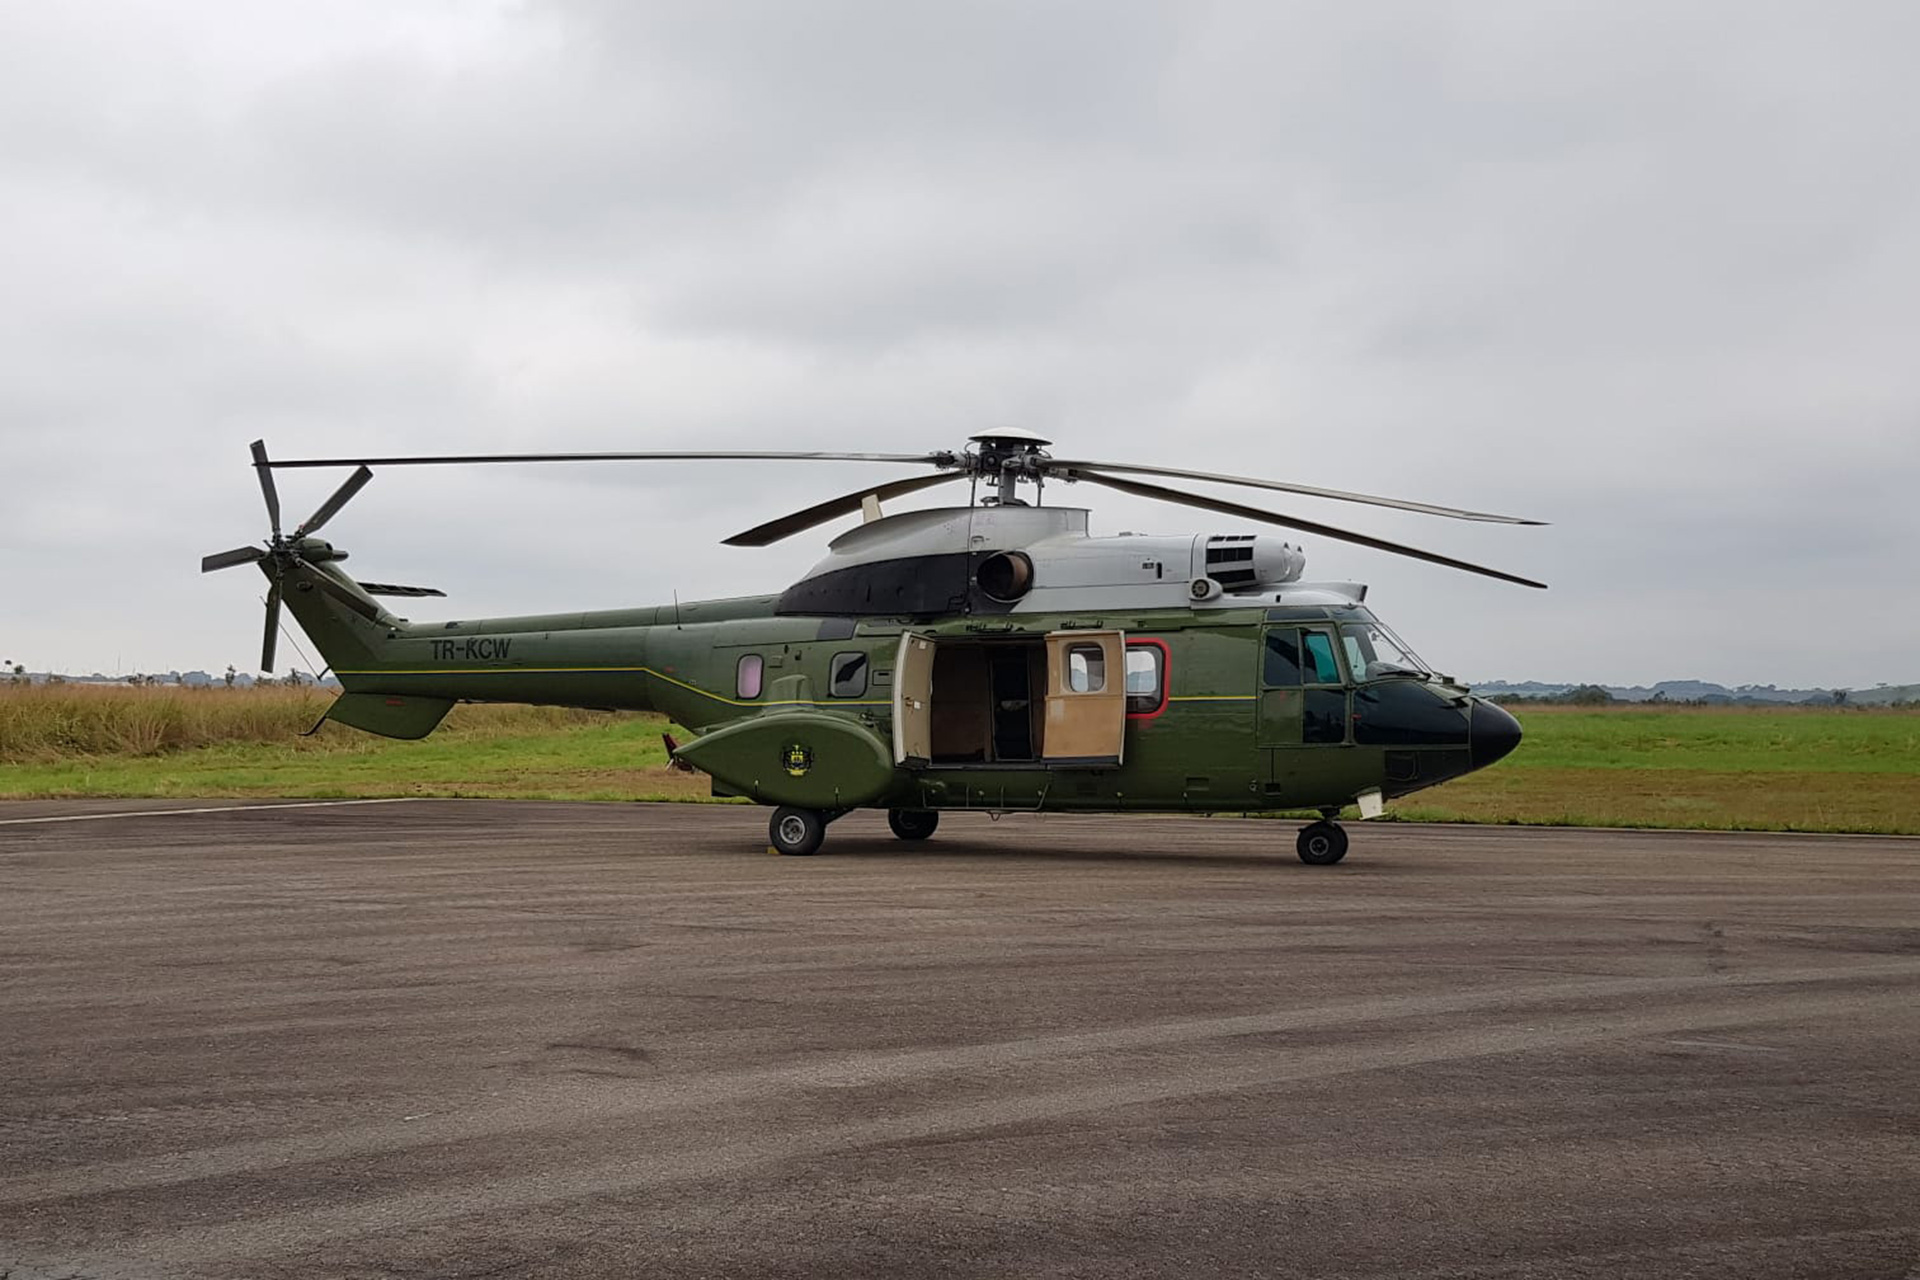 L'hélicoptère, dernière étape avant la réintroduction des gorilles